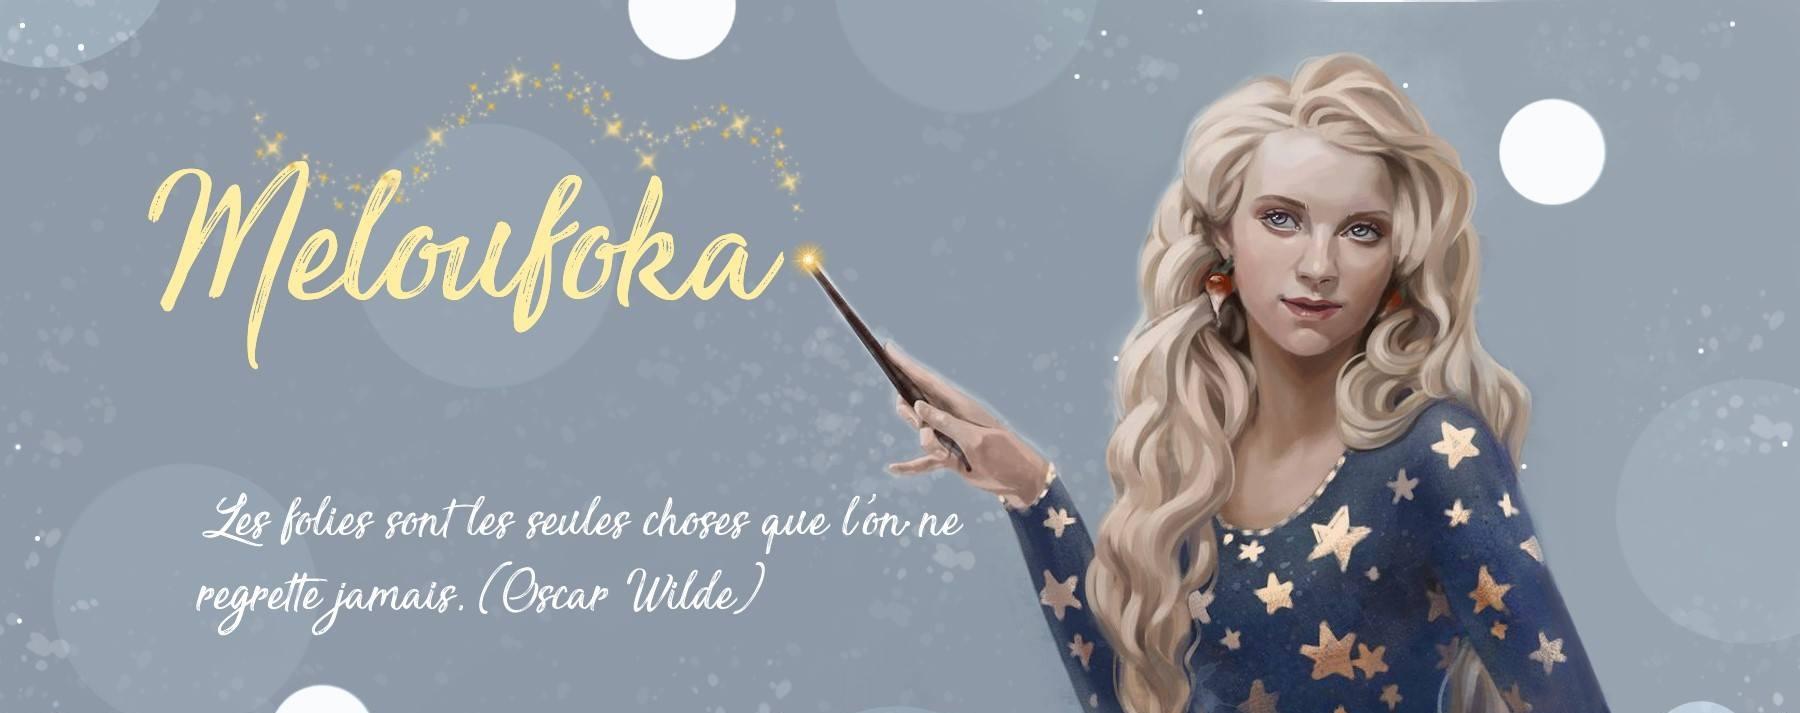 meloufoka.blog4ever.com